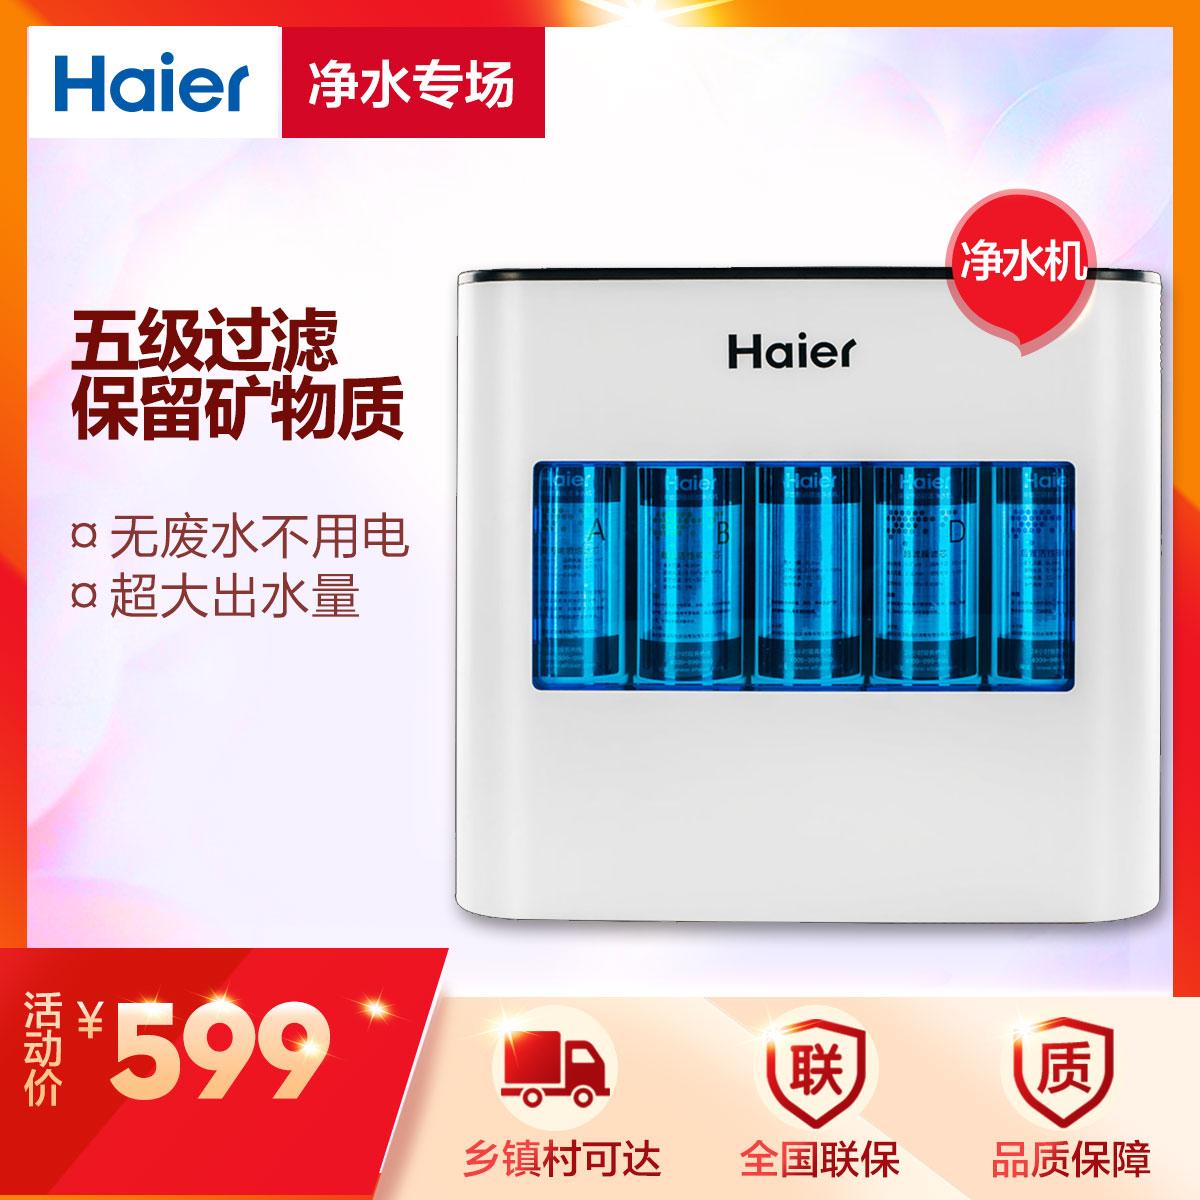 自动冲洗延迟滤芯使用寿命 无废水不用电 去除余氯细菌等有害物质 HU603-5(B)